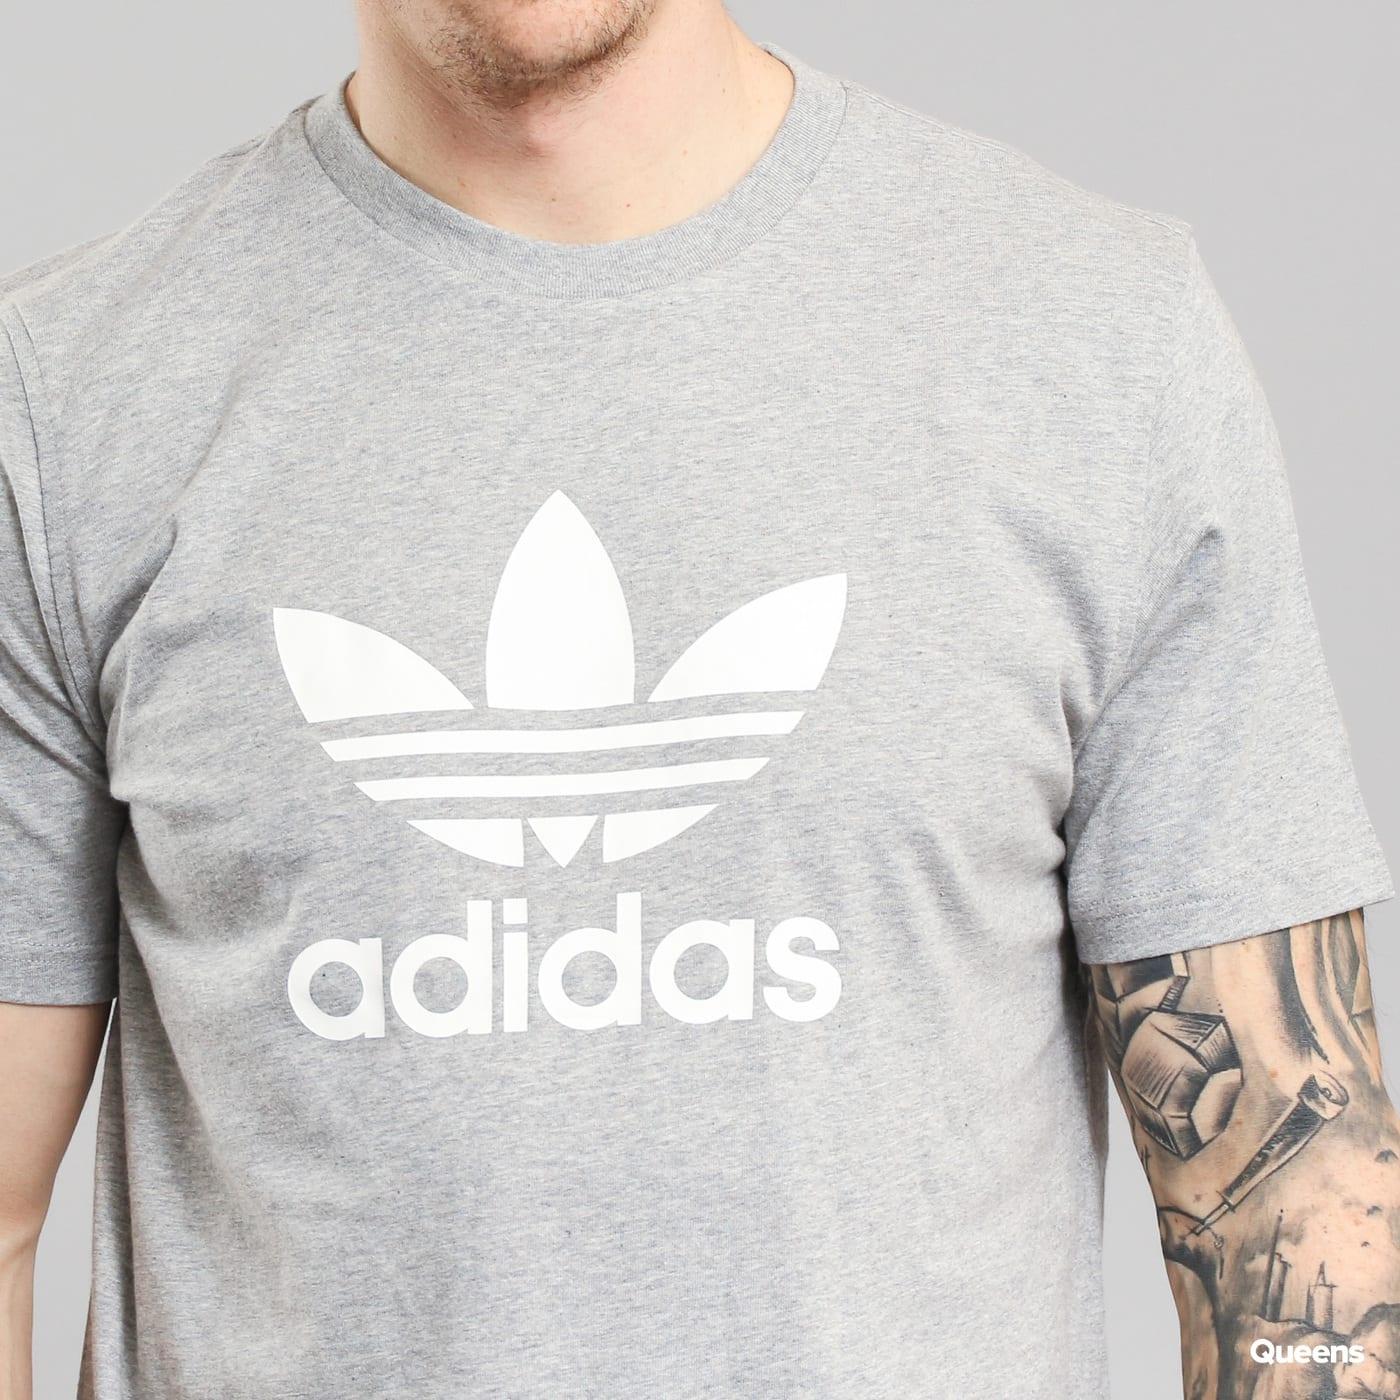 adidas Trefoil T-Shirt melange grau